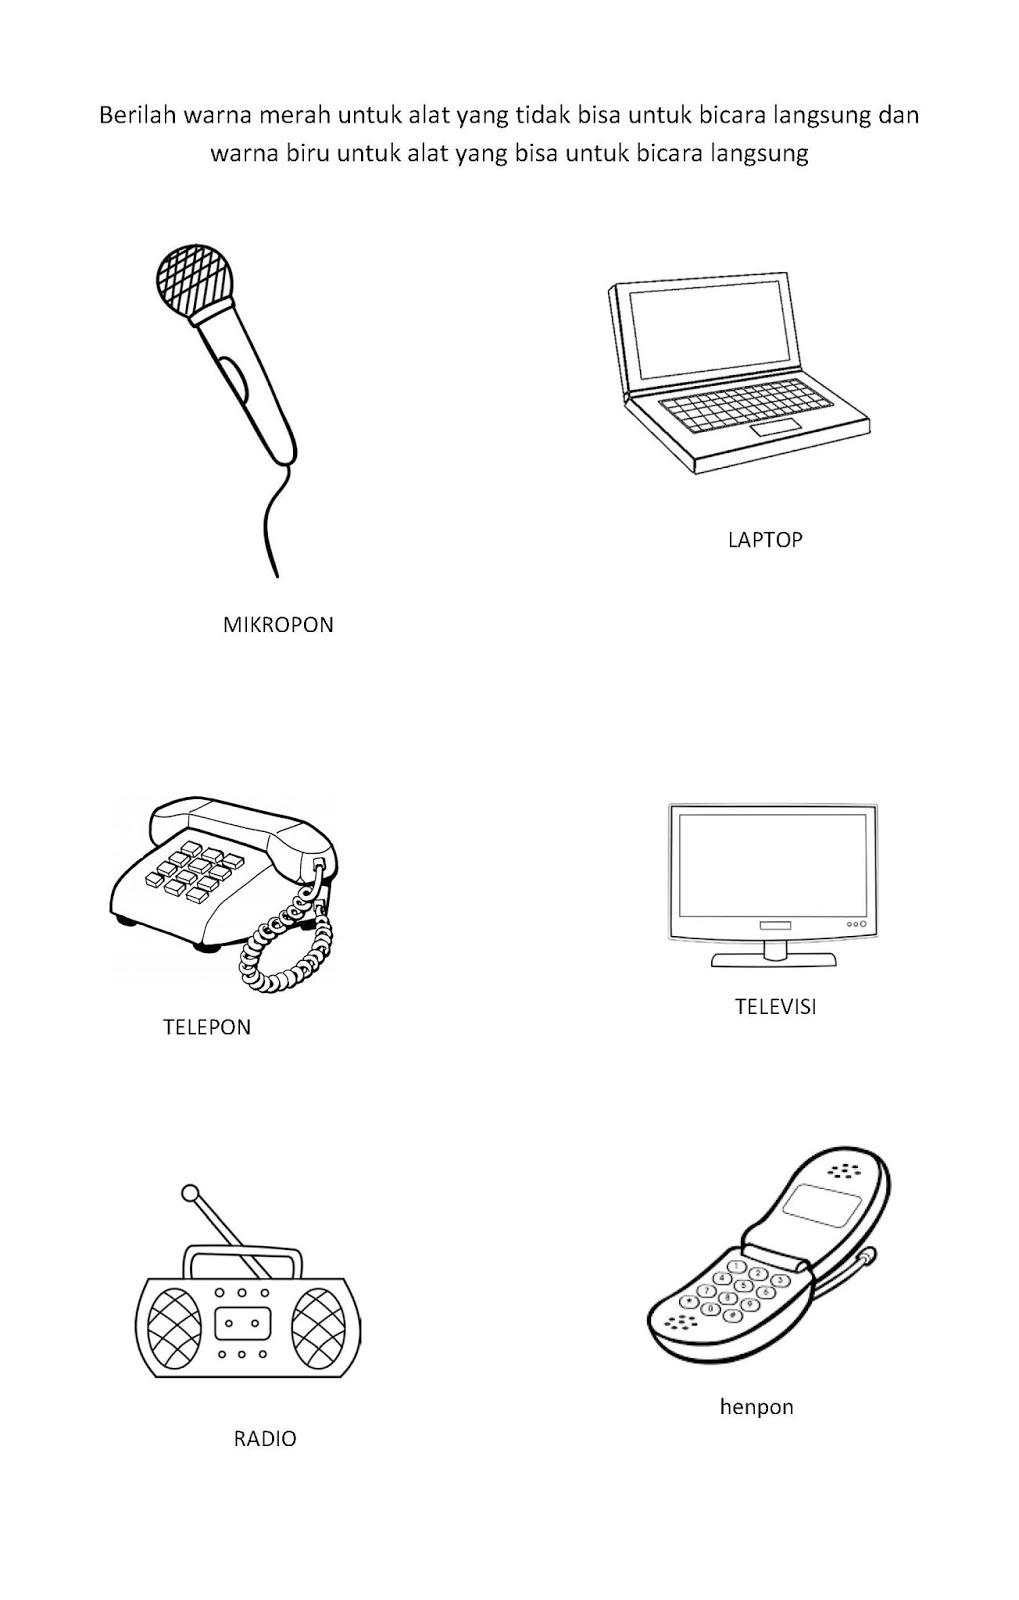 Cara Mengecek Kesehatan Baterai Laptop : mengecek, kesehatan, baterai, laptop, Gambar, Untuk, Mewarnai, Komunikasi